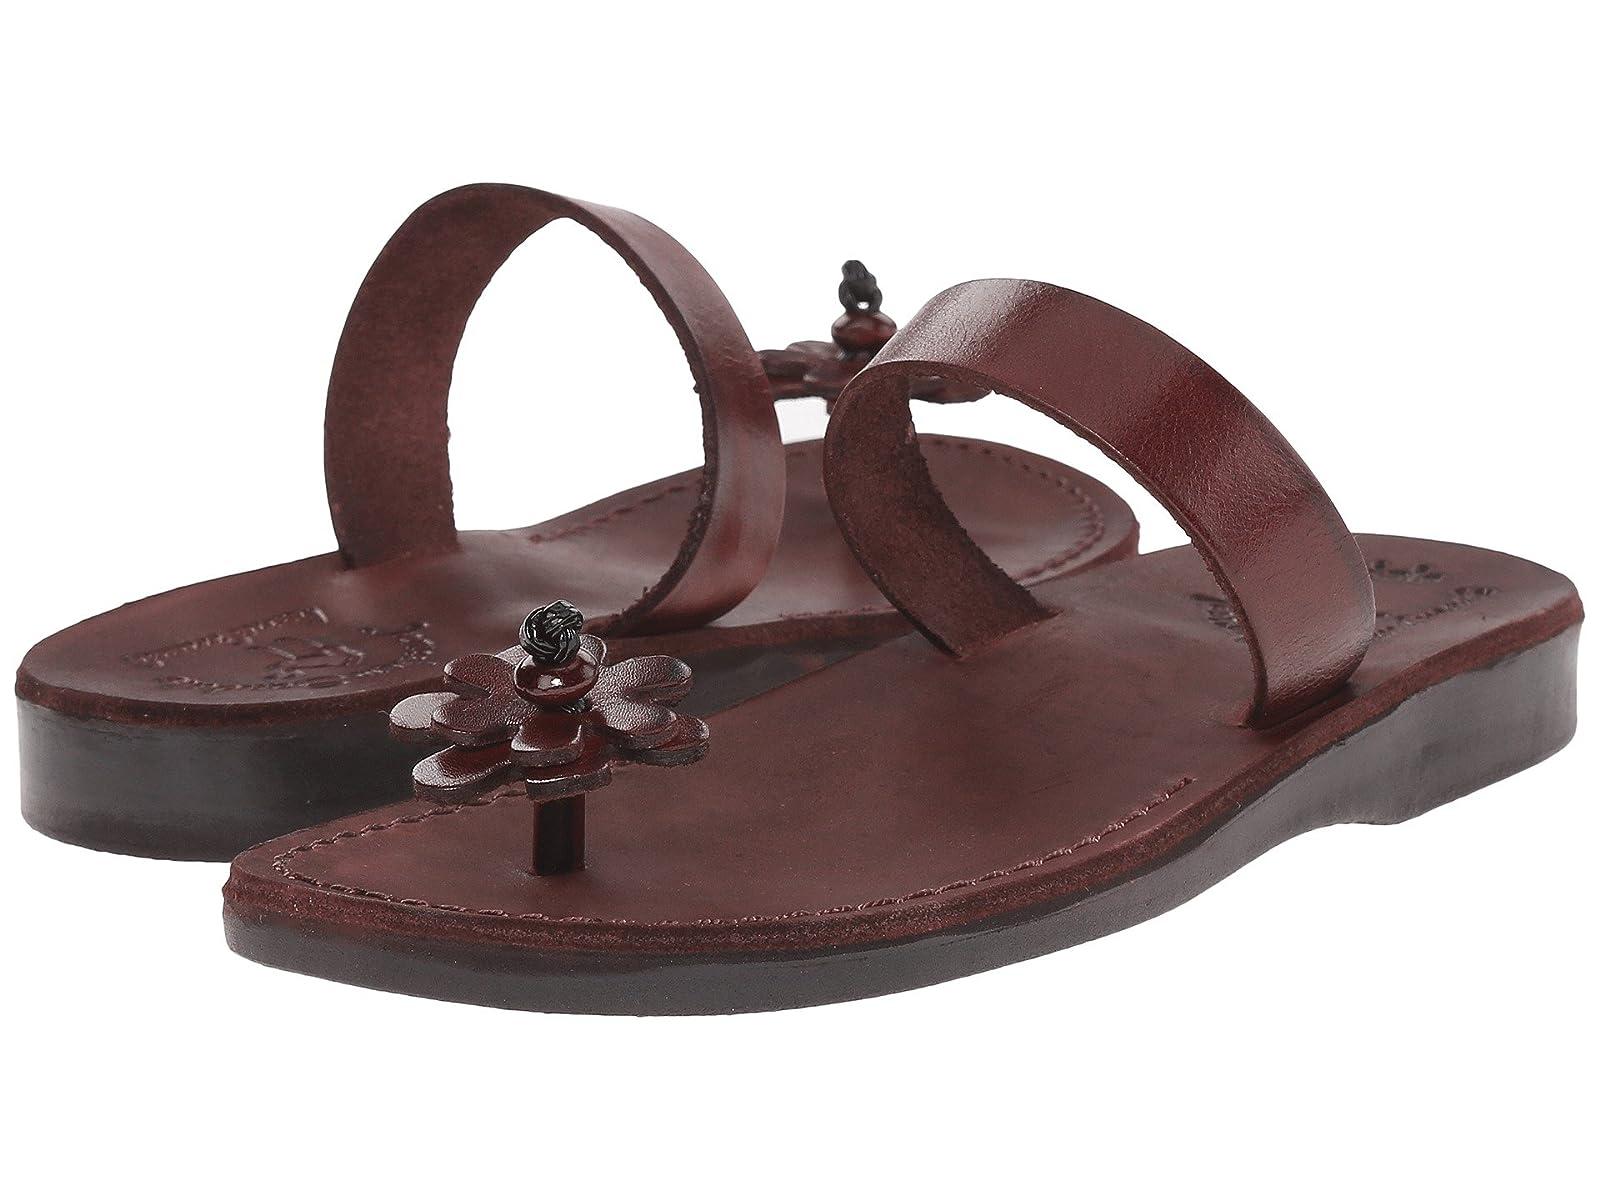 Jerusalem Sandals Esther - WomensAtmospheric grades have affordable shoes